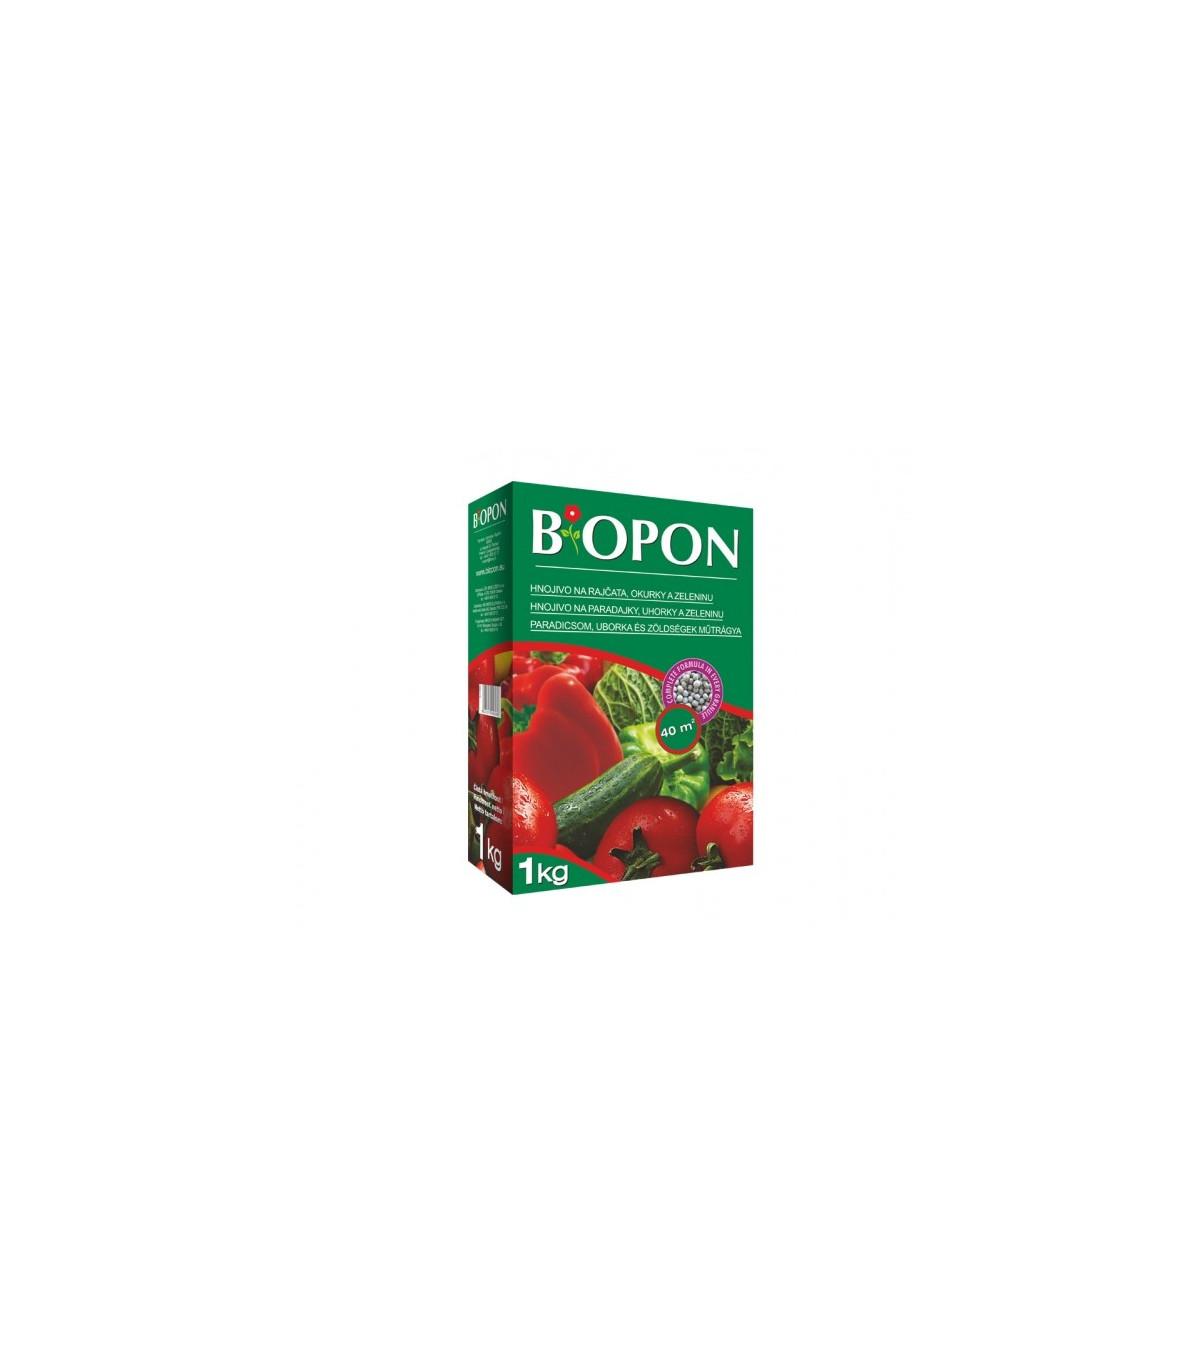 BIOPON - hnojivo pre paradajky a uhorky - 1 kg